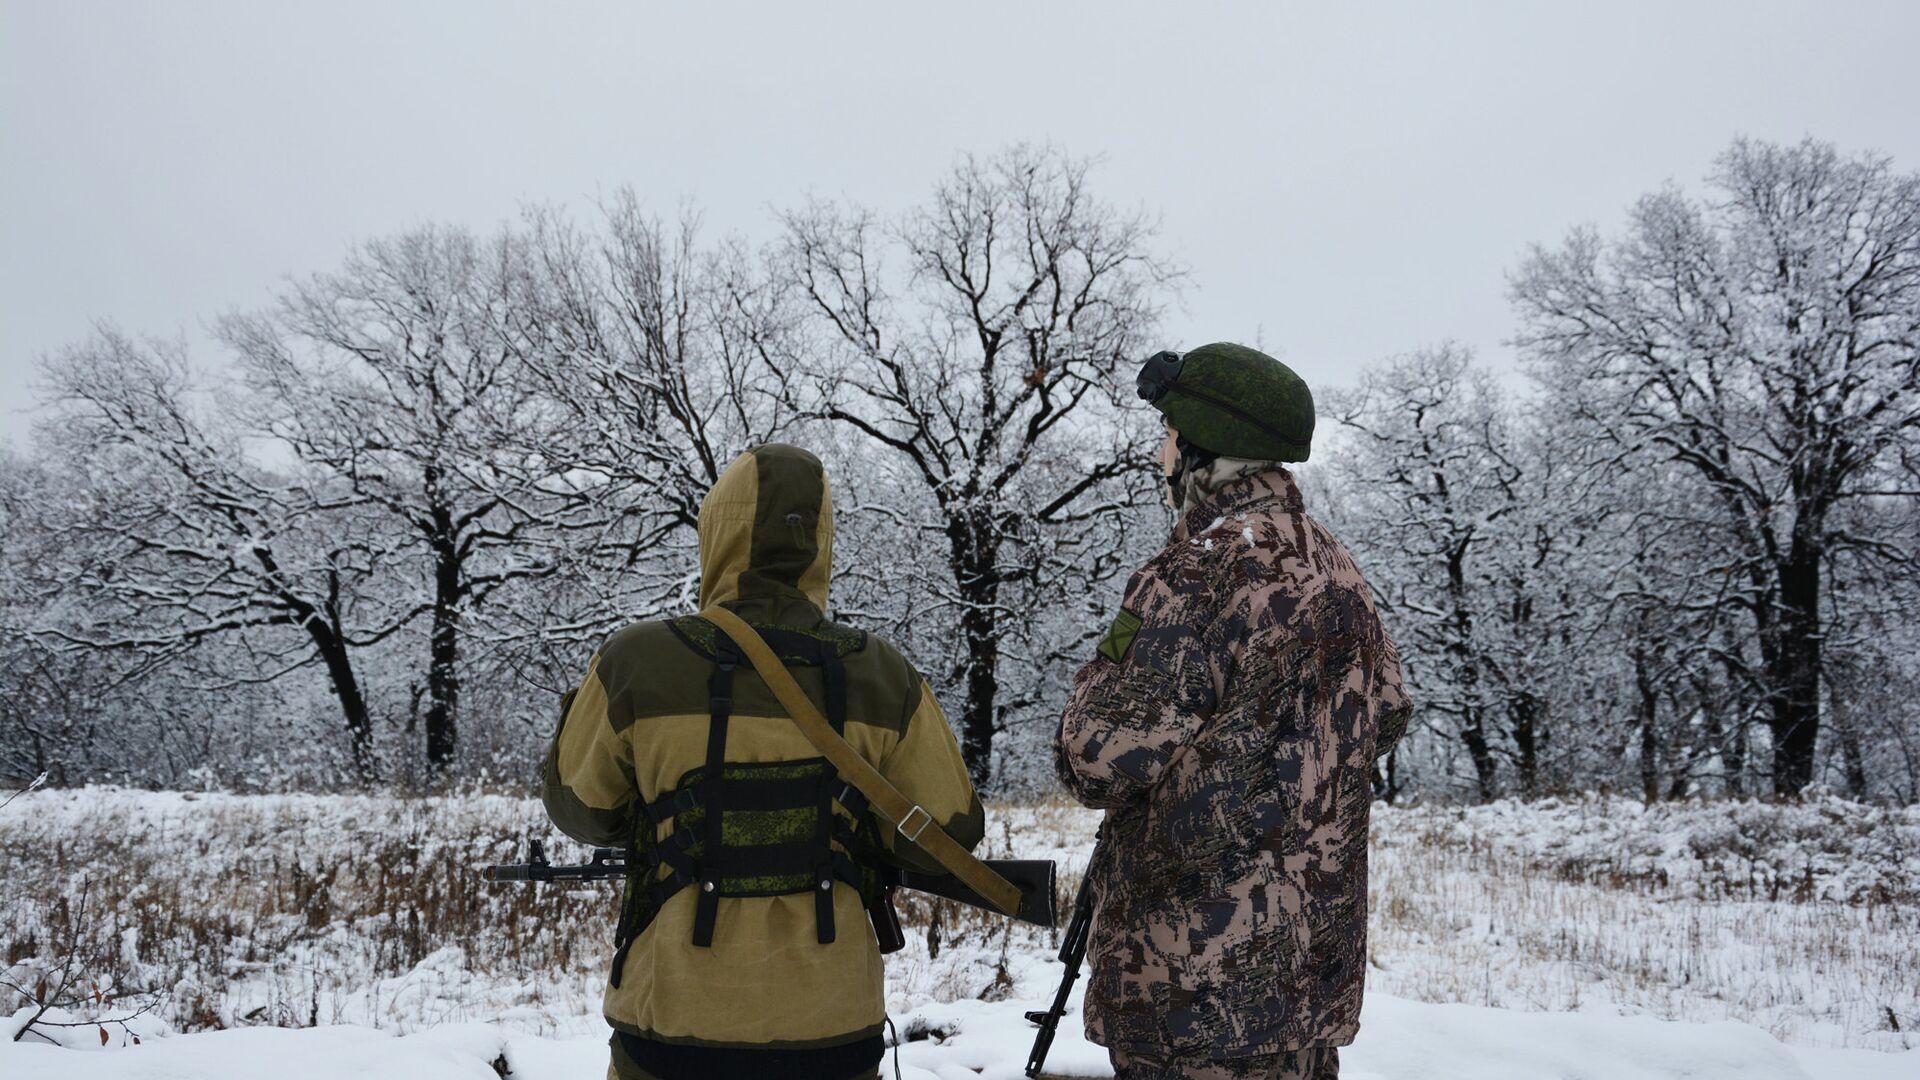 Военнослужащие Народной милиции ЛНР (бригада Призрак) на позициях в поселке Донецкий на линии соприкосновения - РИА Новости, 1920, 14.03.2021